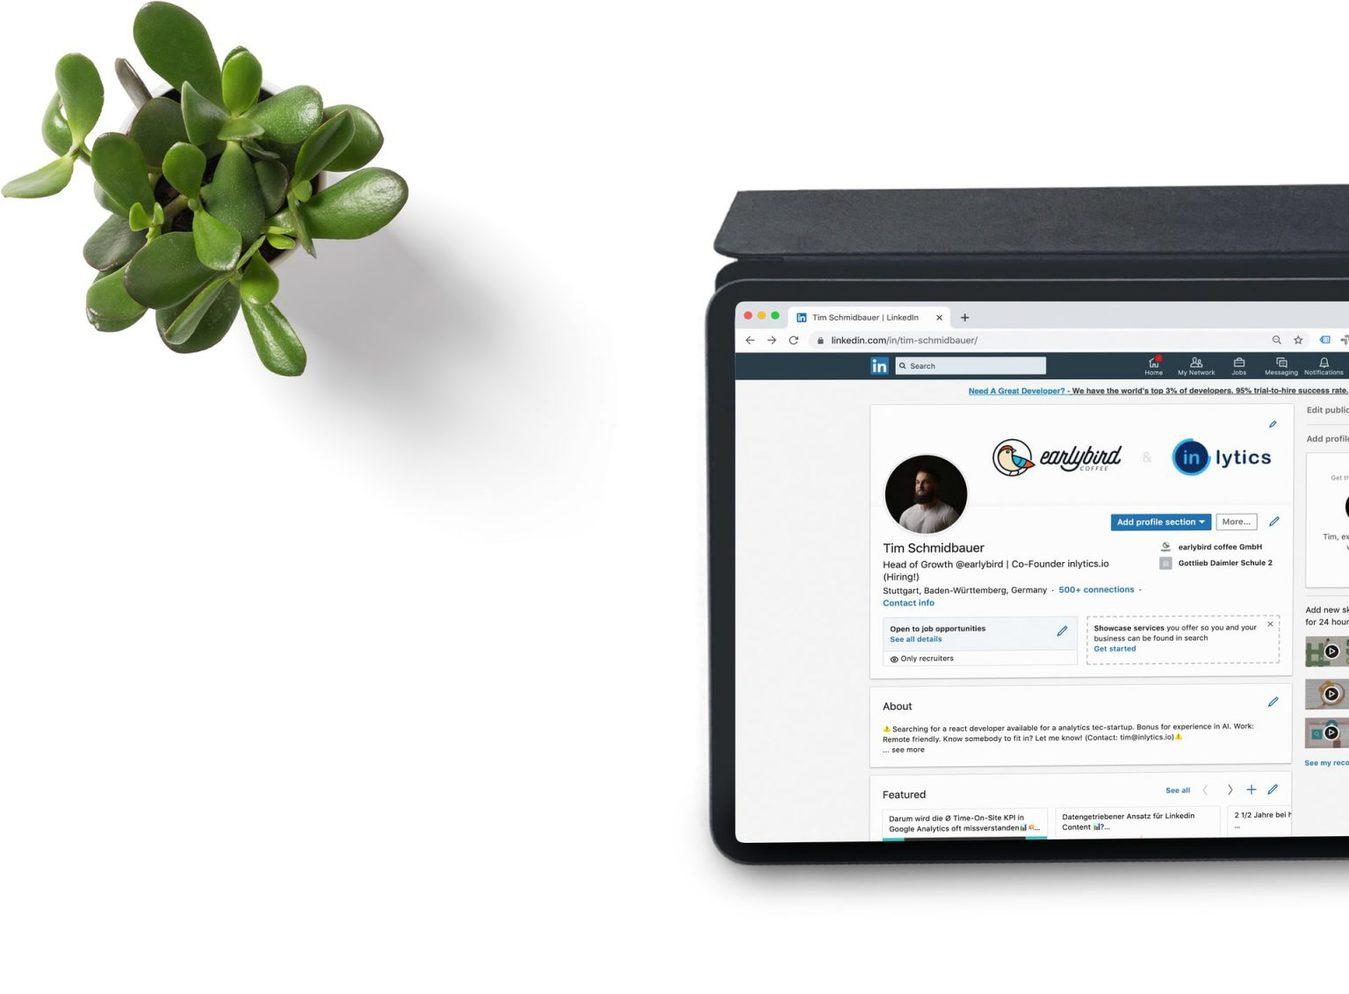 Una pagina LinkedIn visualizzata su un tablet su un tavolo bianco con una pianta su di esso